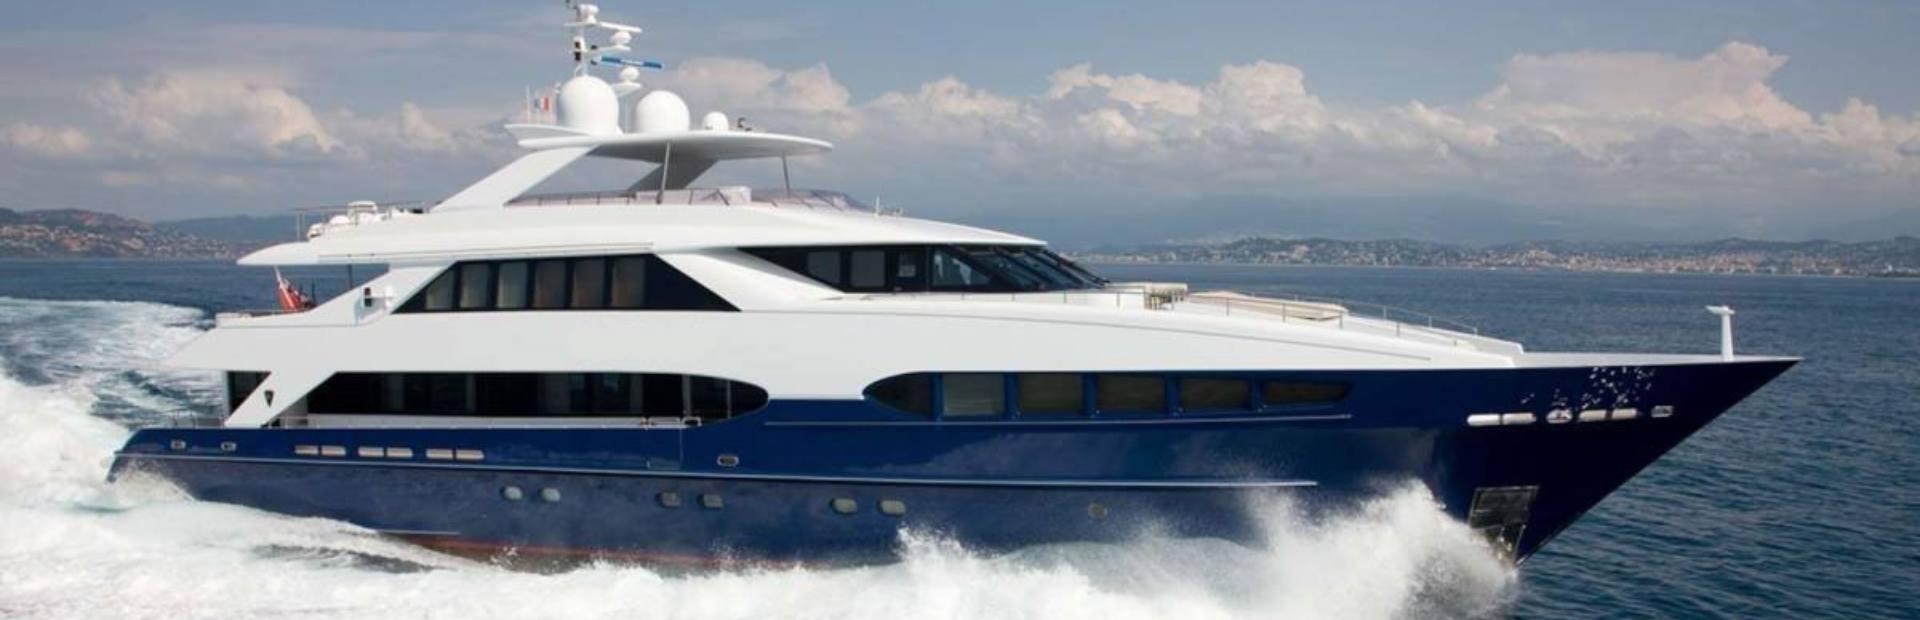 Heesen 4000 Yacht Charter